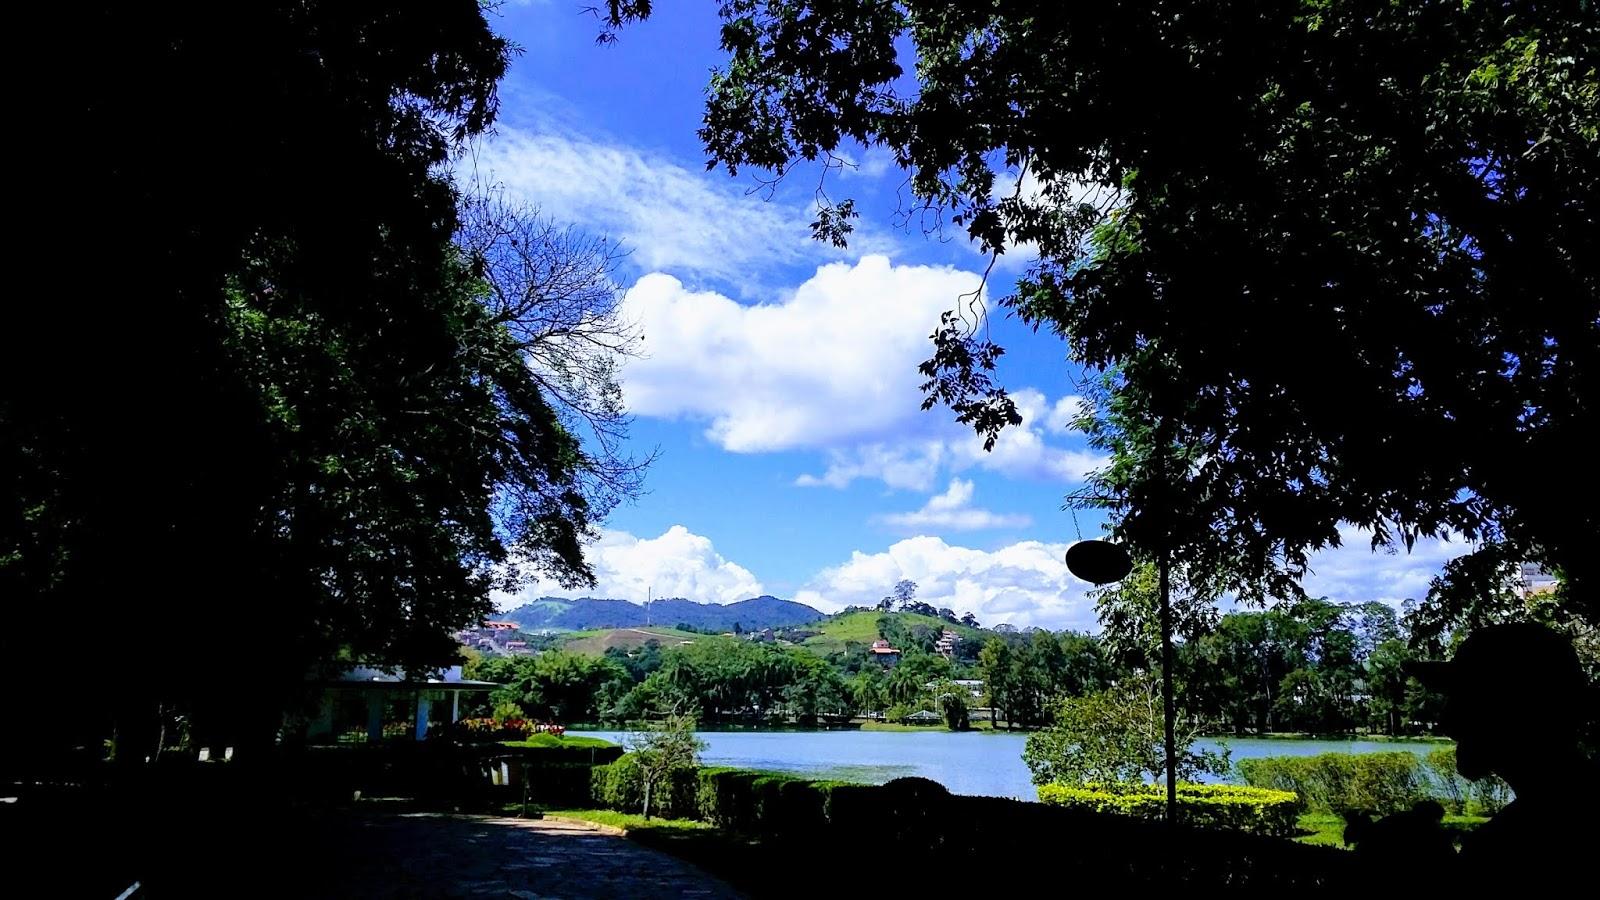 Paisagens do Parque com o lago